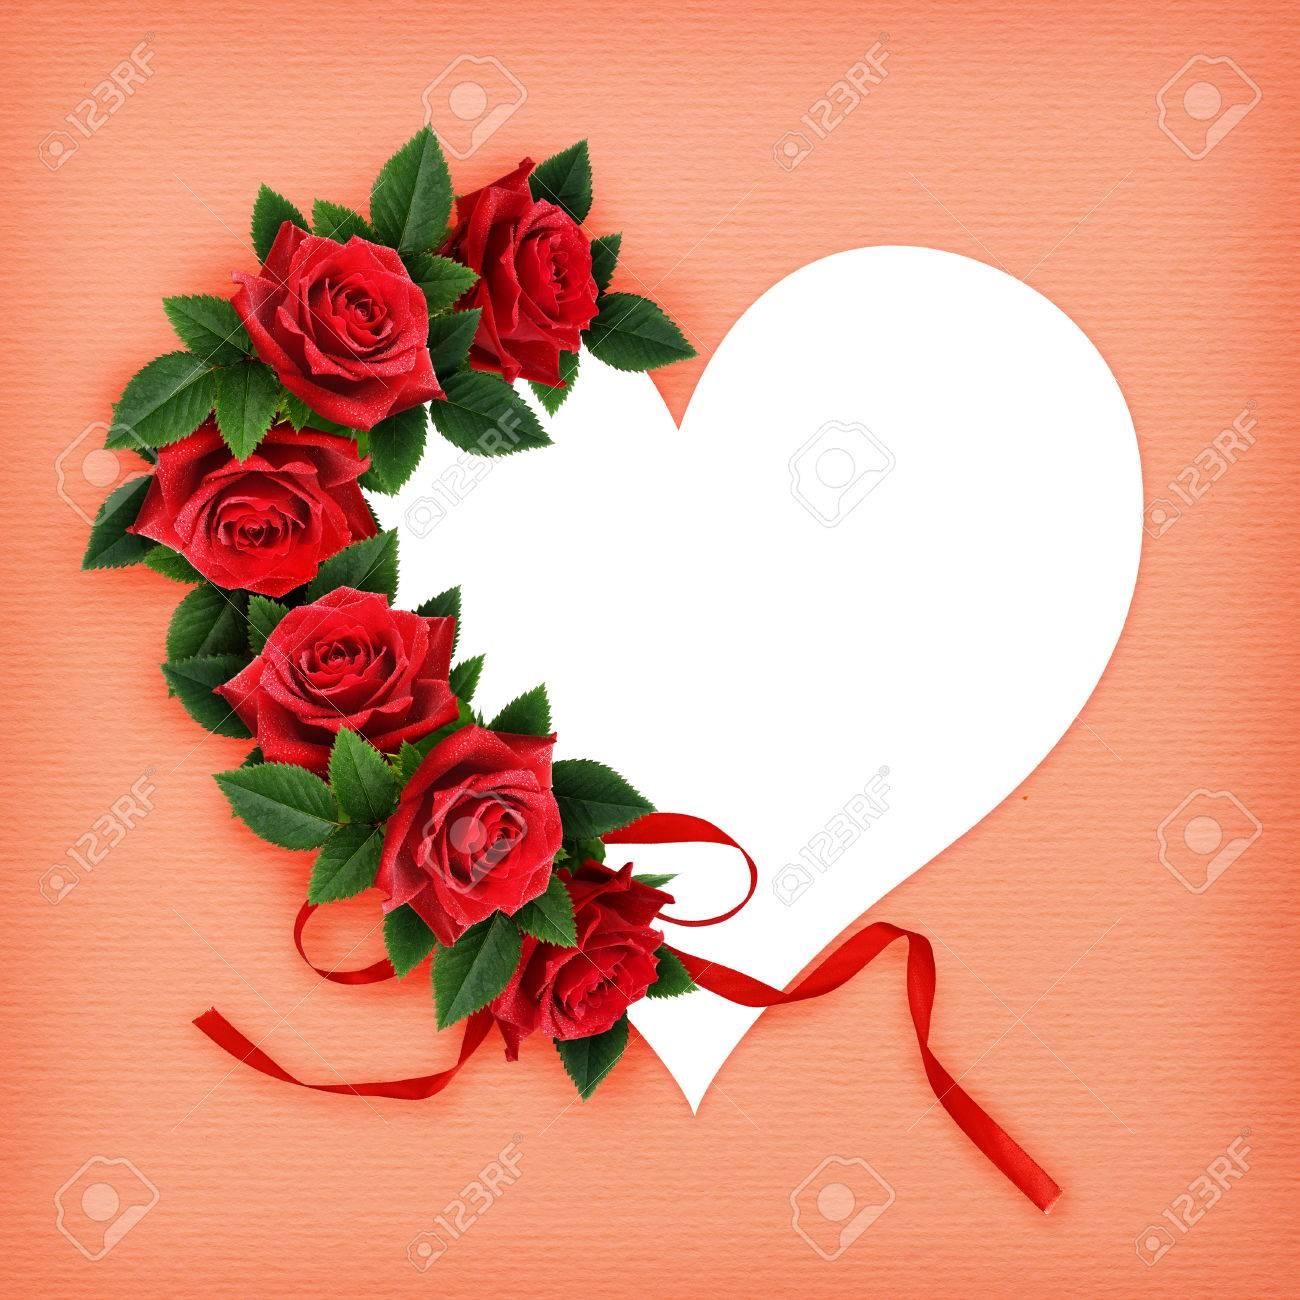 Rosa Roja Flores Y Tarjeta En Forma De Corazón Sobre Fondo De Papel